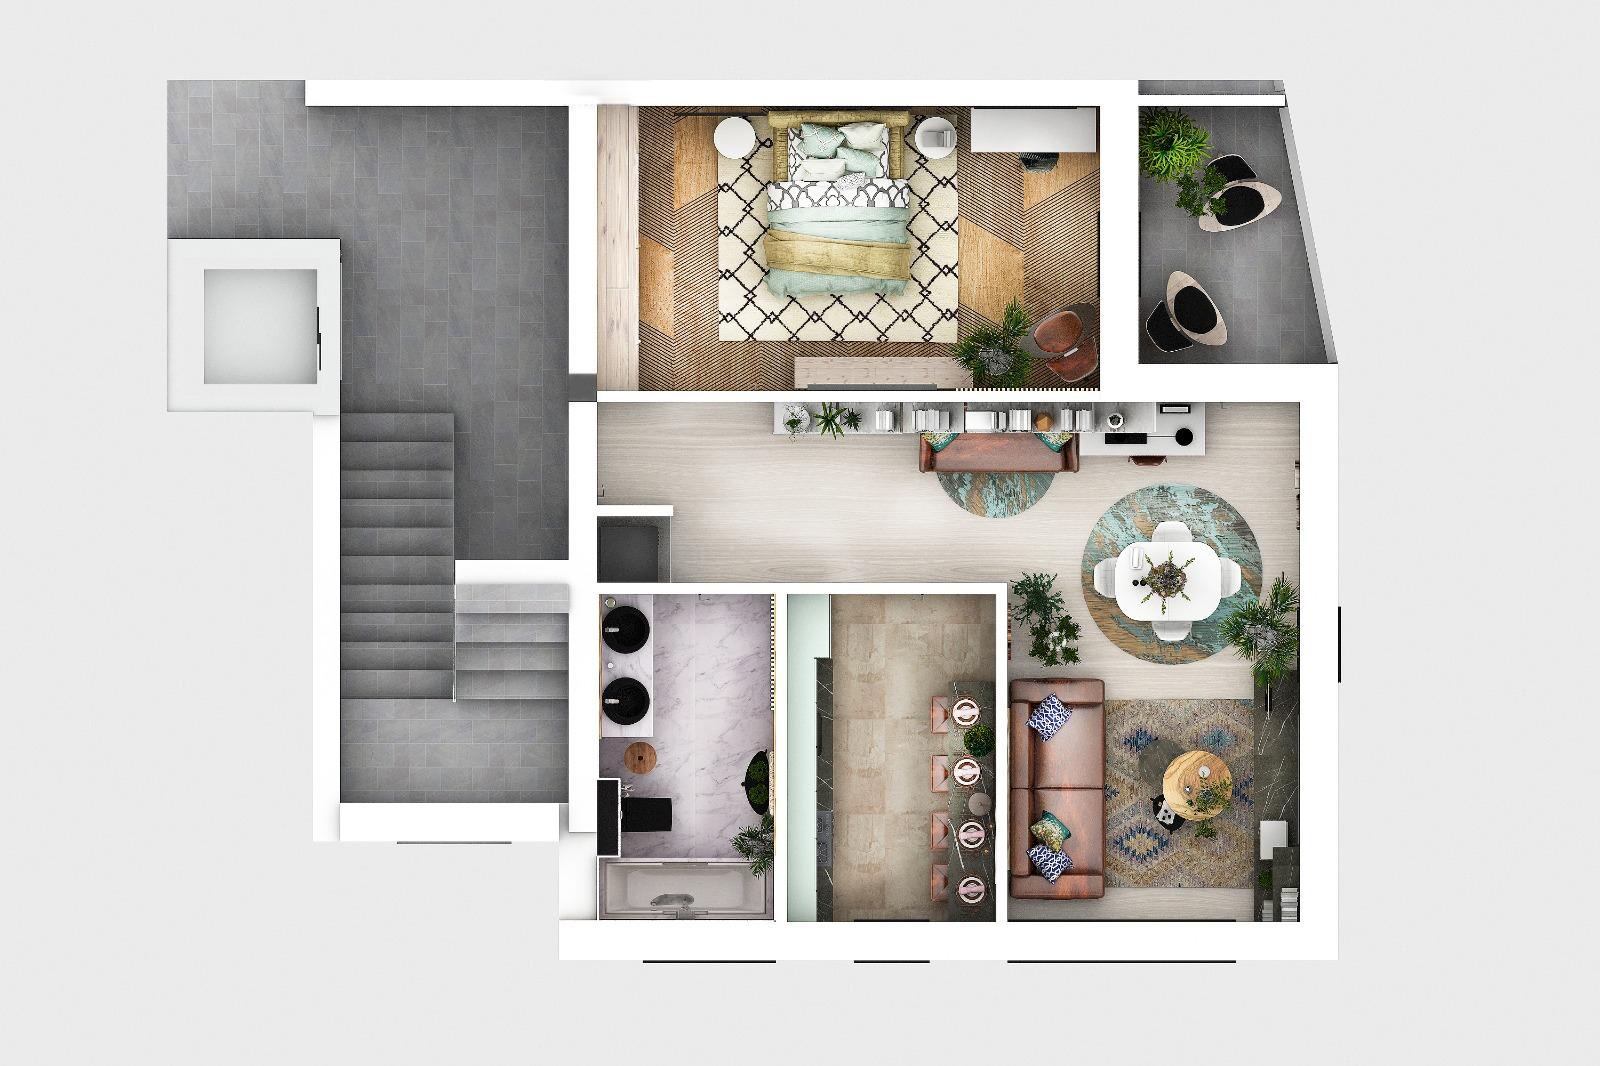 Turnisor Et.2- Ap. NOU 2 camere decomandate 65 mp+ balcon